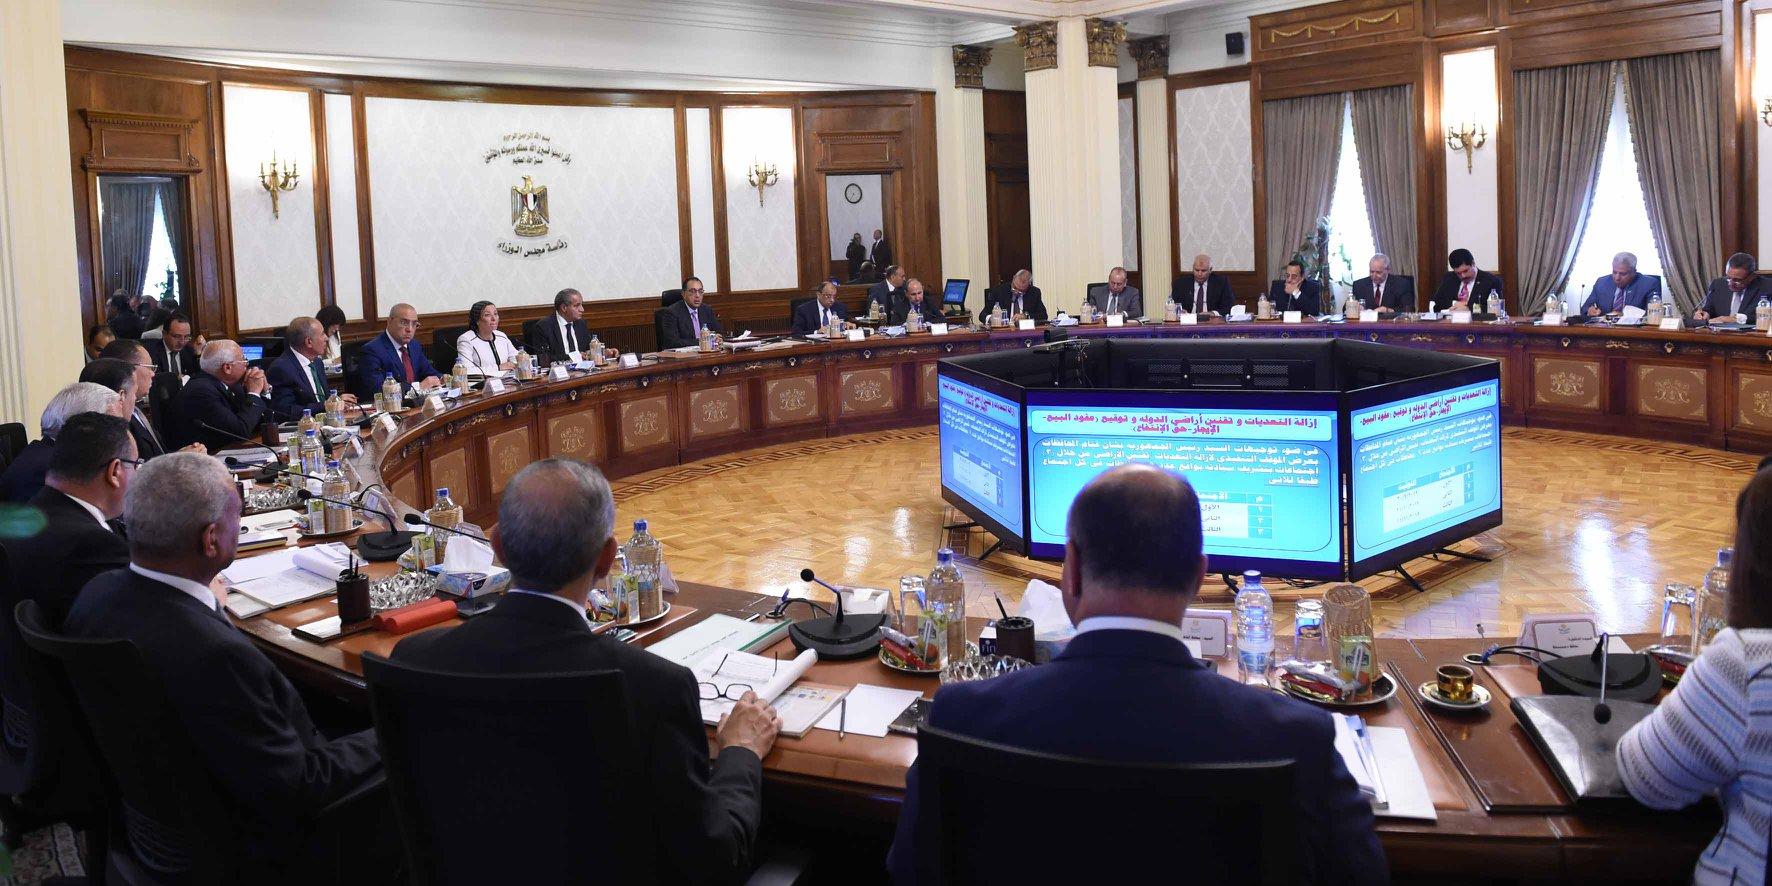 صور   رئيس الوزراء يُشدد على الإسراع  في تنفيذ قانون التصالح في بعض مخالفات البناء